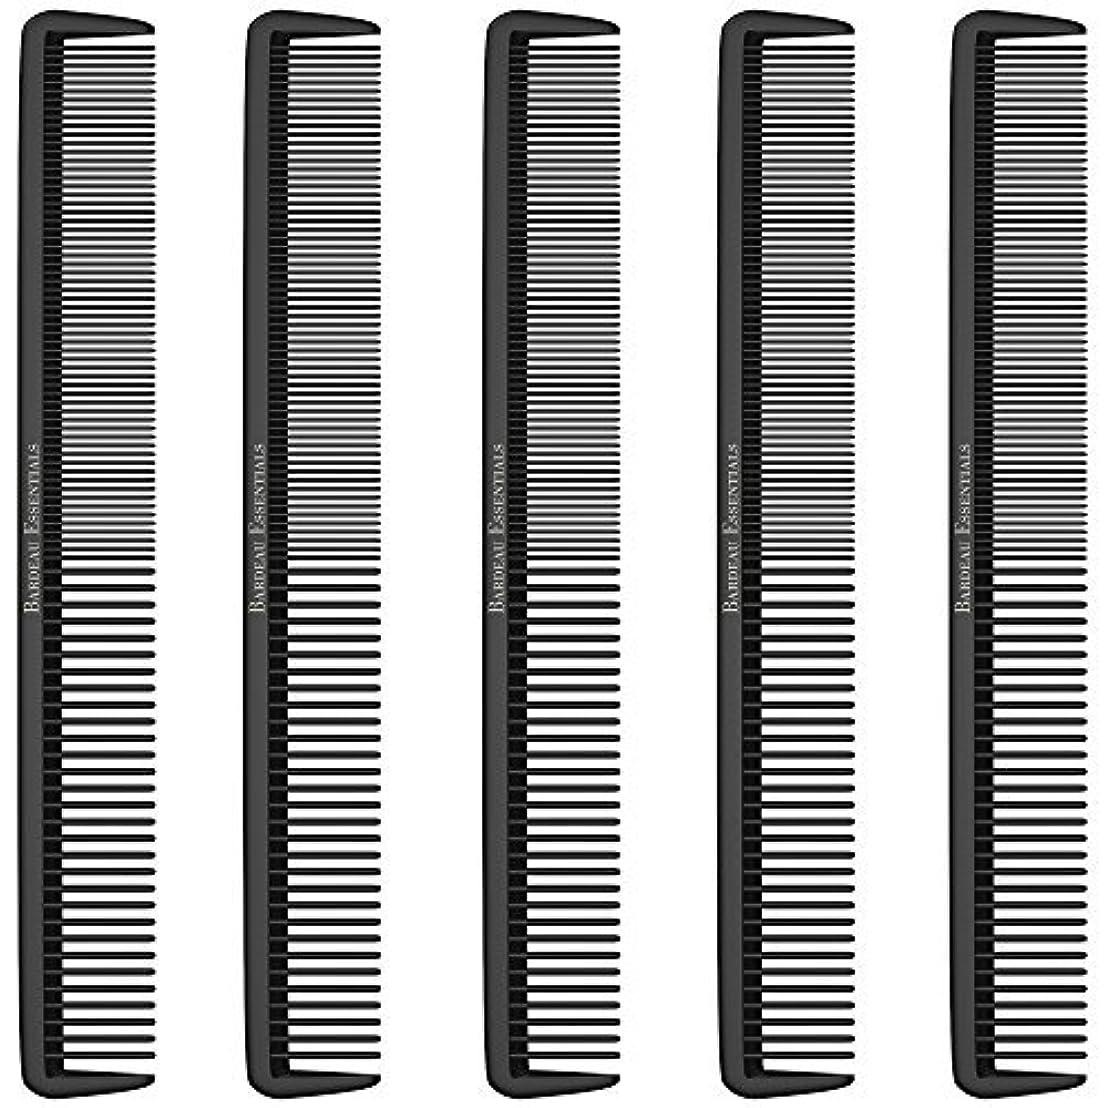 ベテラン満たす木製Styling Comb (5 Pack) - Professional 8.75  Black Carbon Fiber Anti Static Chemical And Heat Resistant Hair Combs...